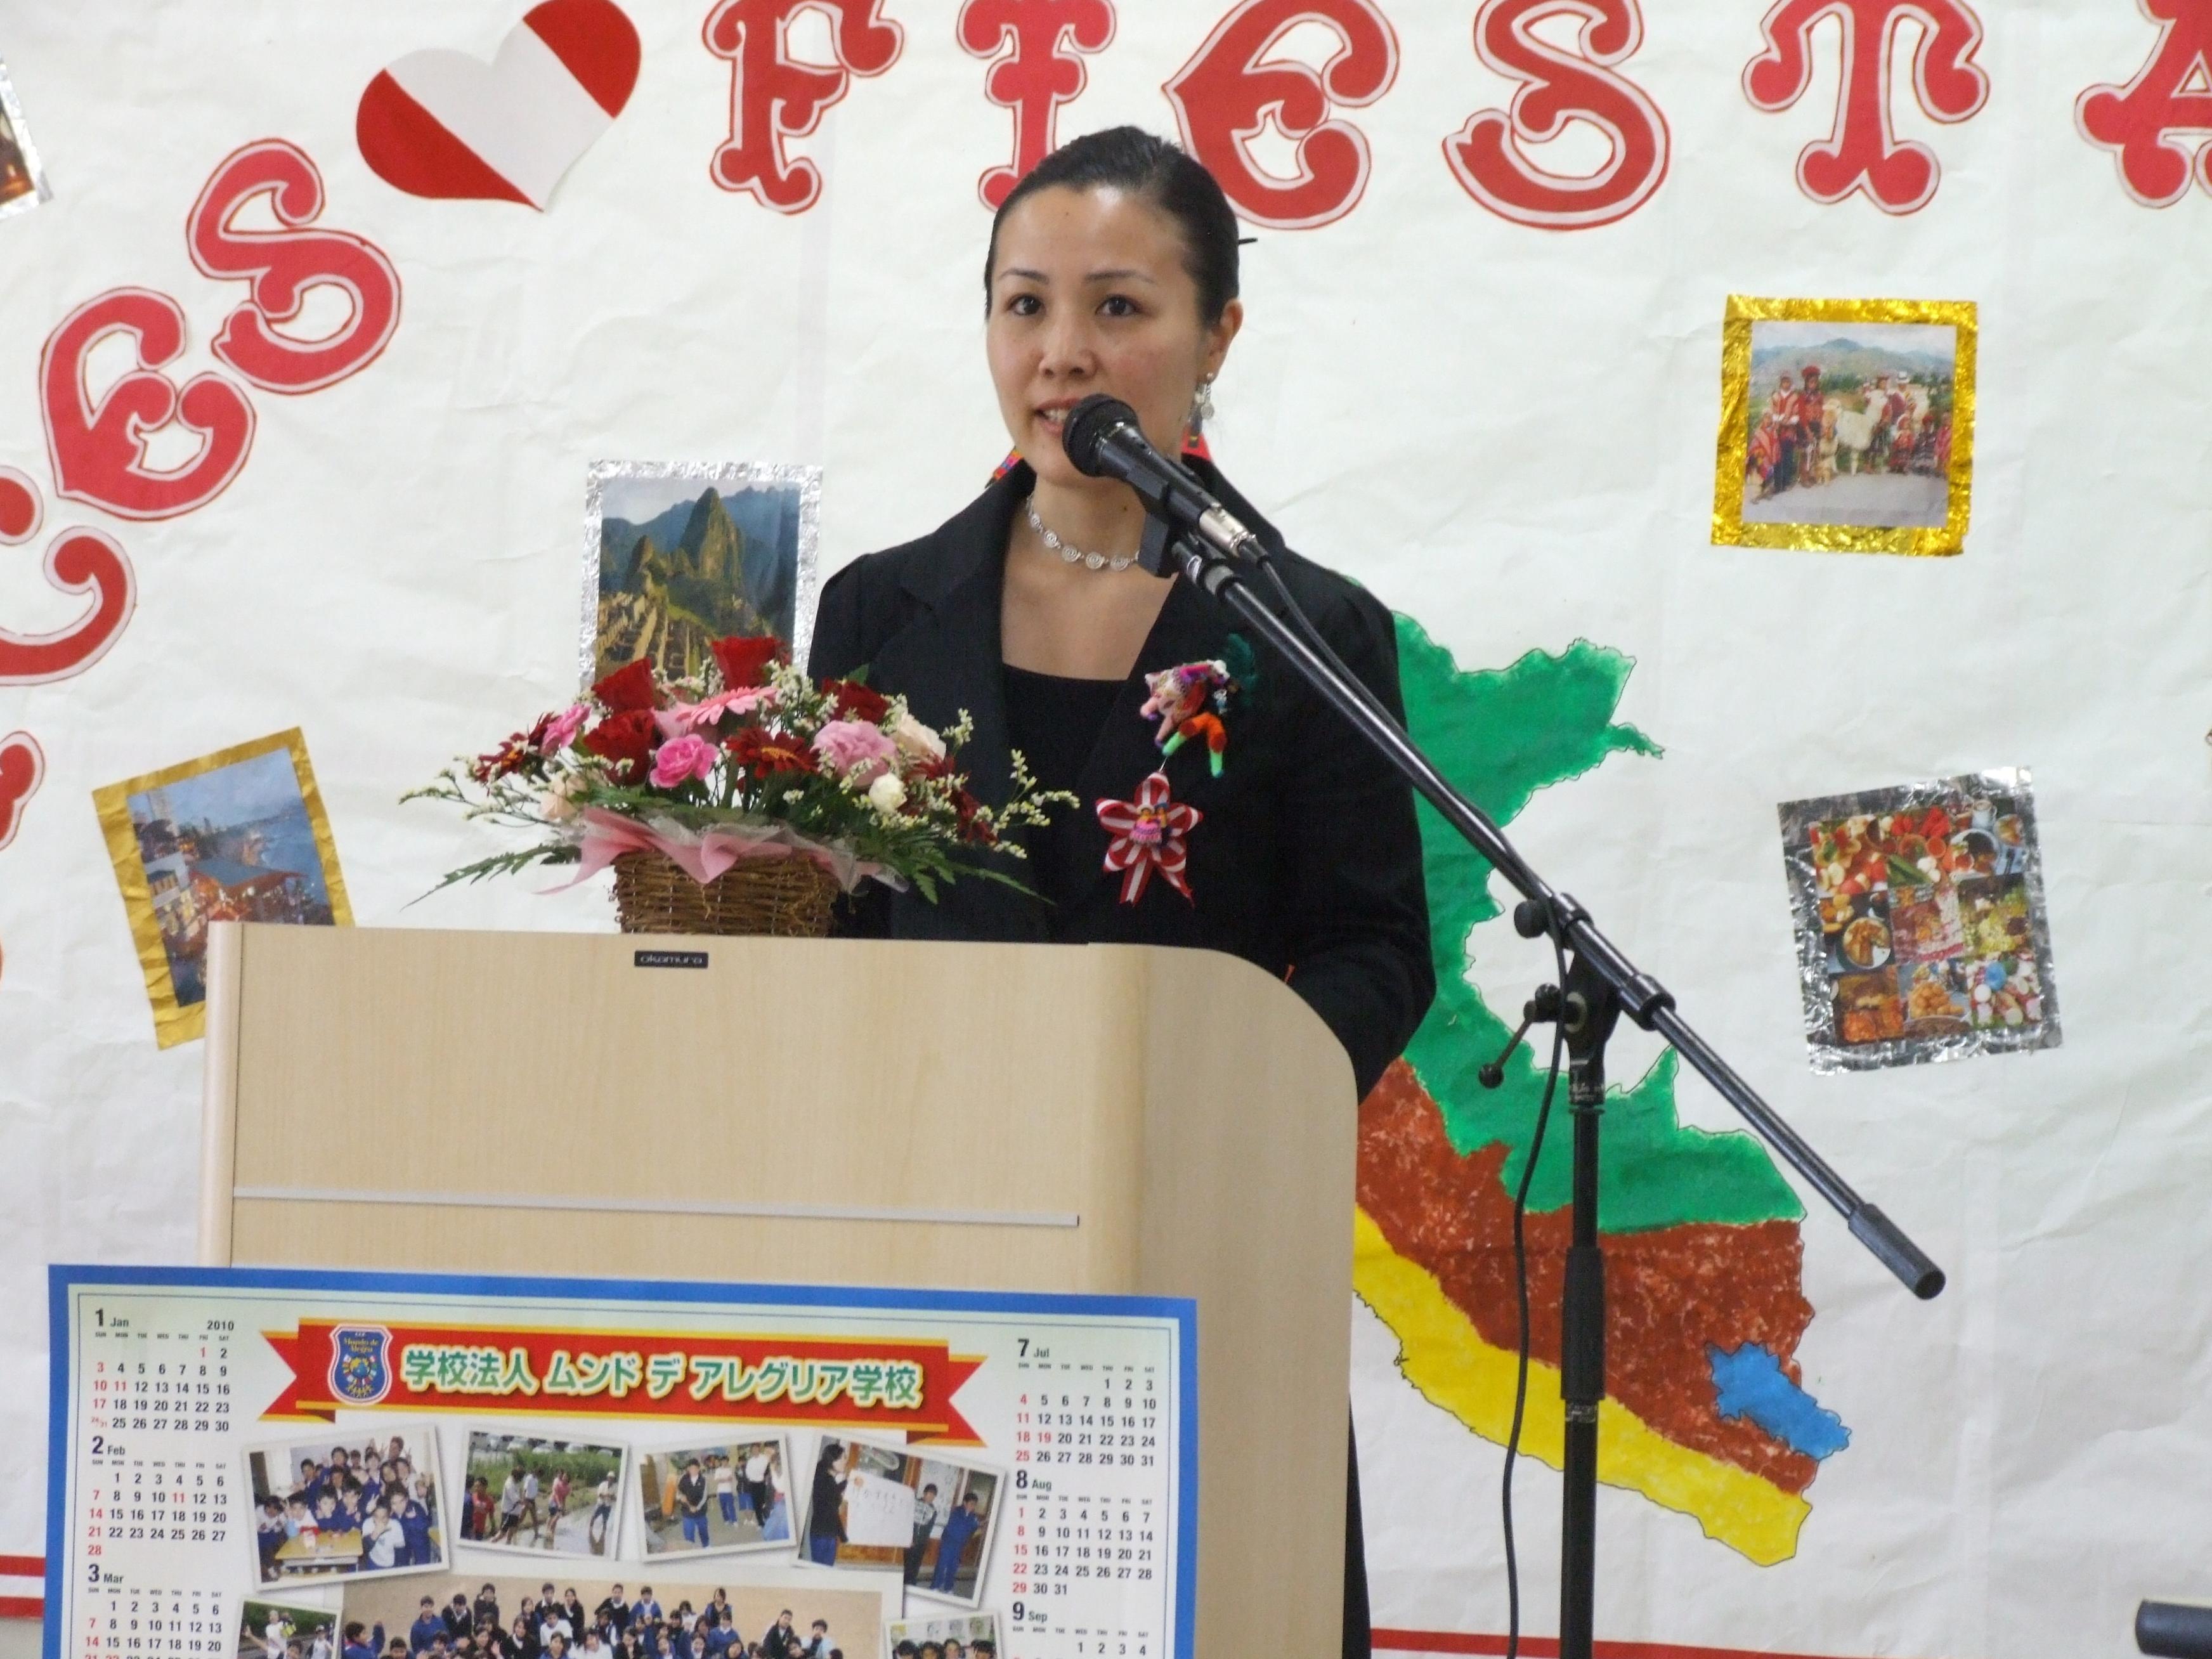 http://www.mundodealegria.org/images/DSCF3296.JPG